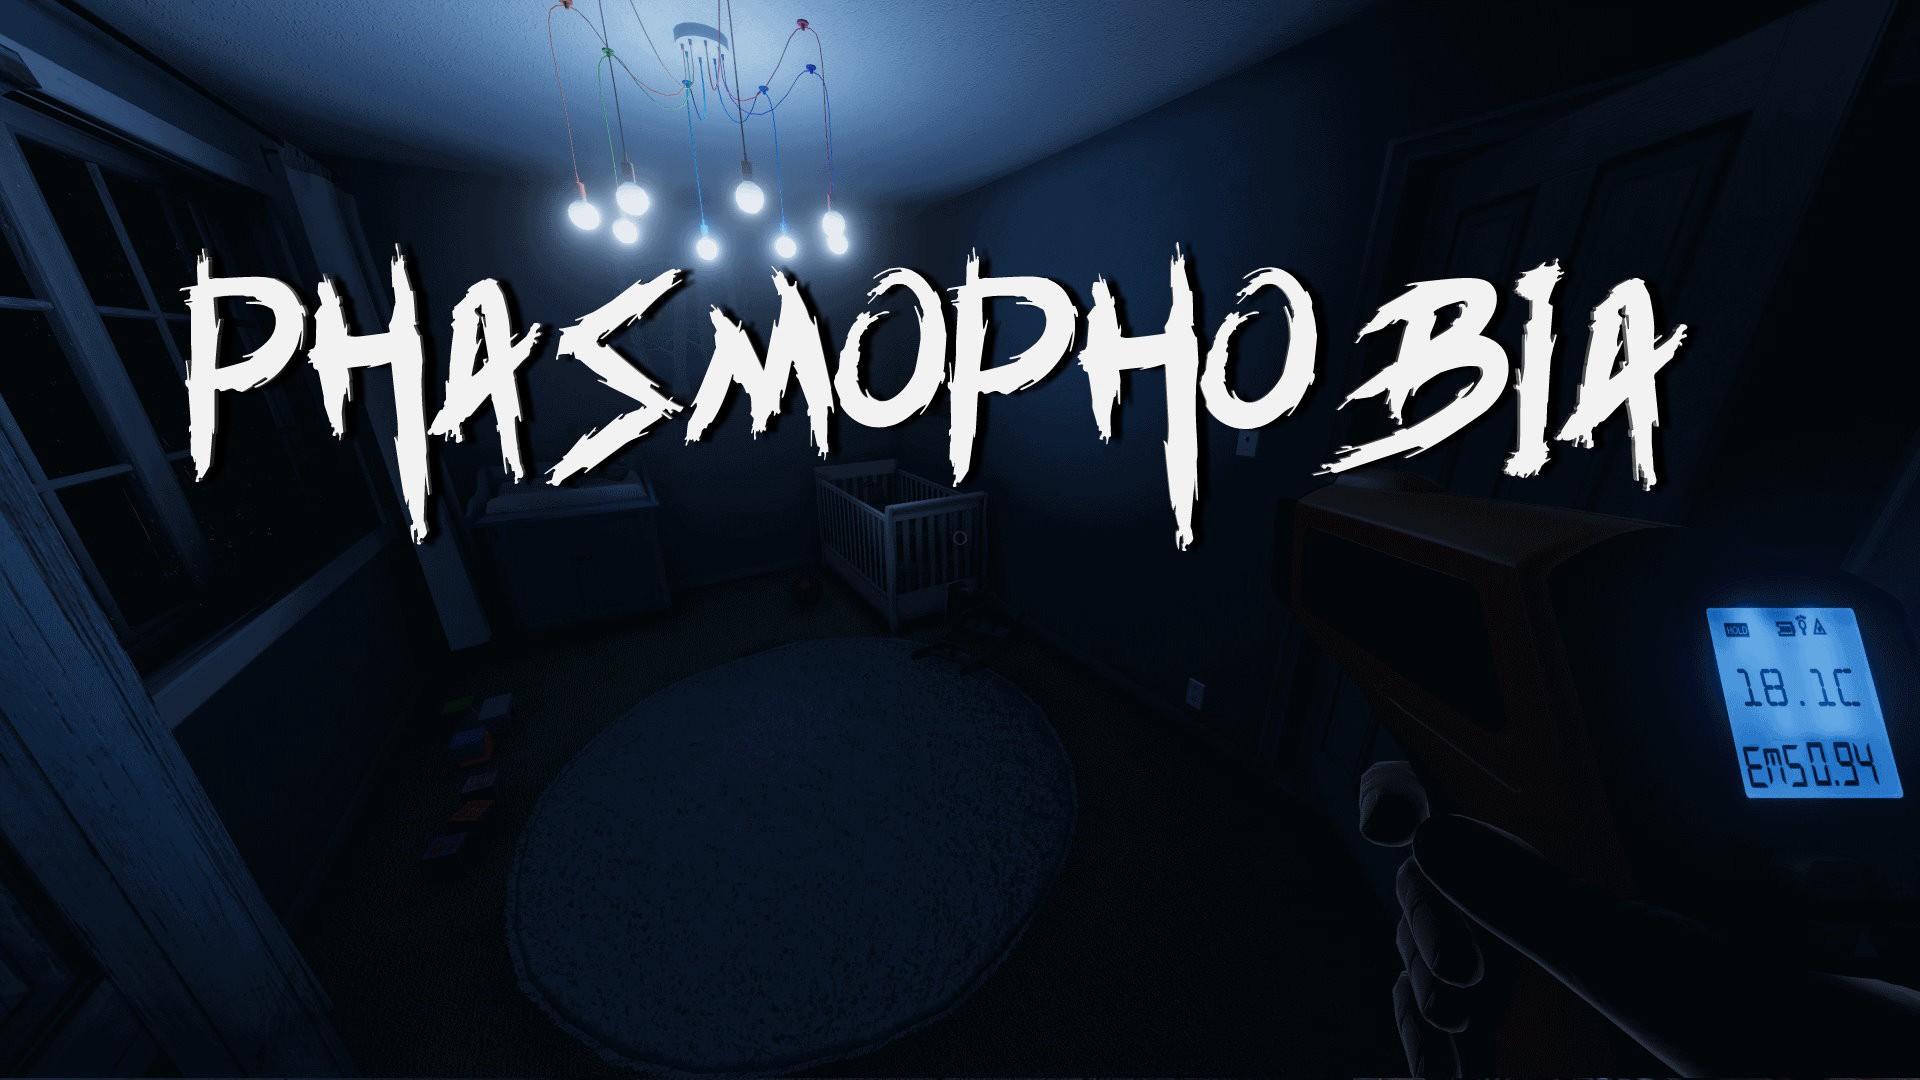 Phasmophibia - game PC multiplayer terbaik